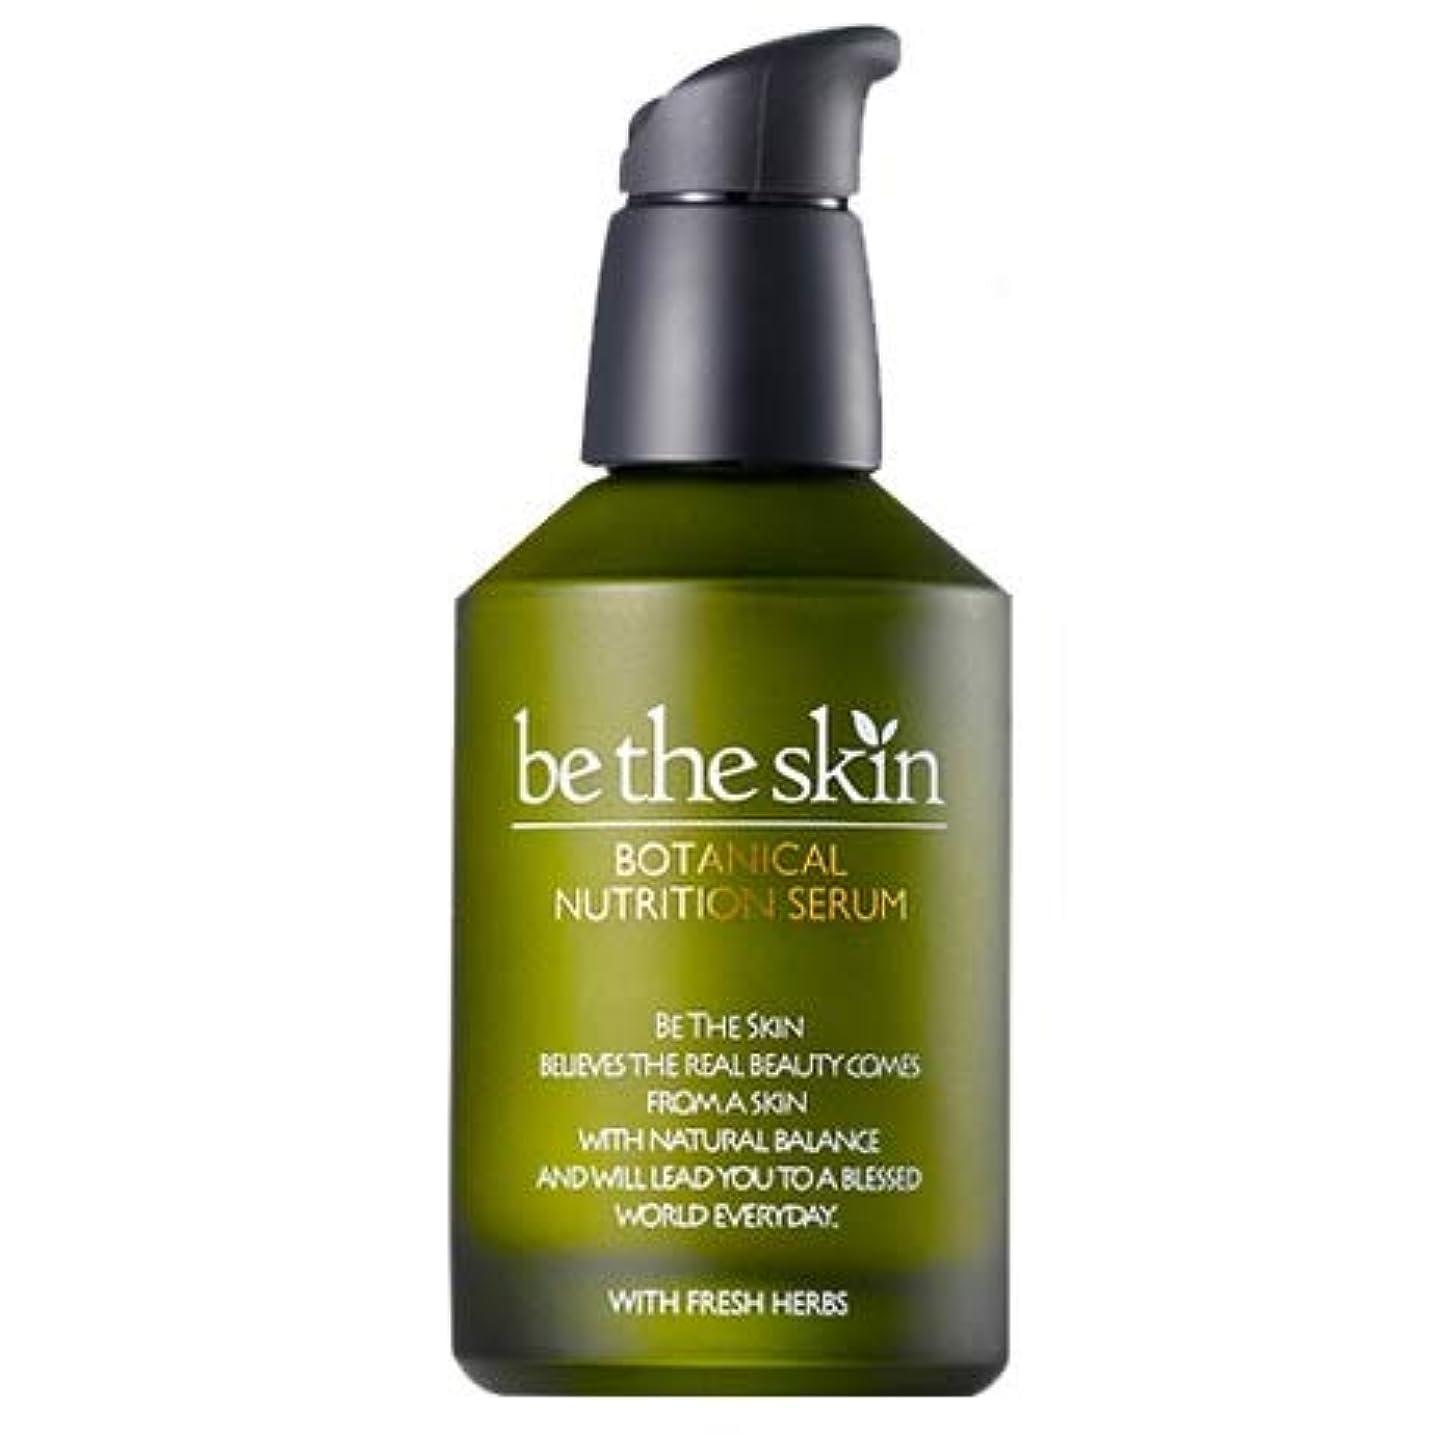 変なティーンエイジャー障害be the skin ボタニカル ニュートリション セラム / Botanical Nutrition Serum (50ml) [並行輸入品]